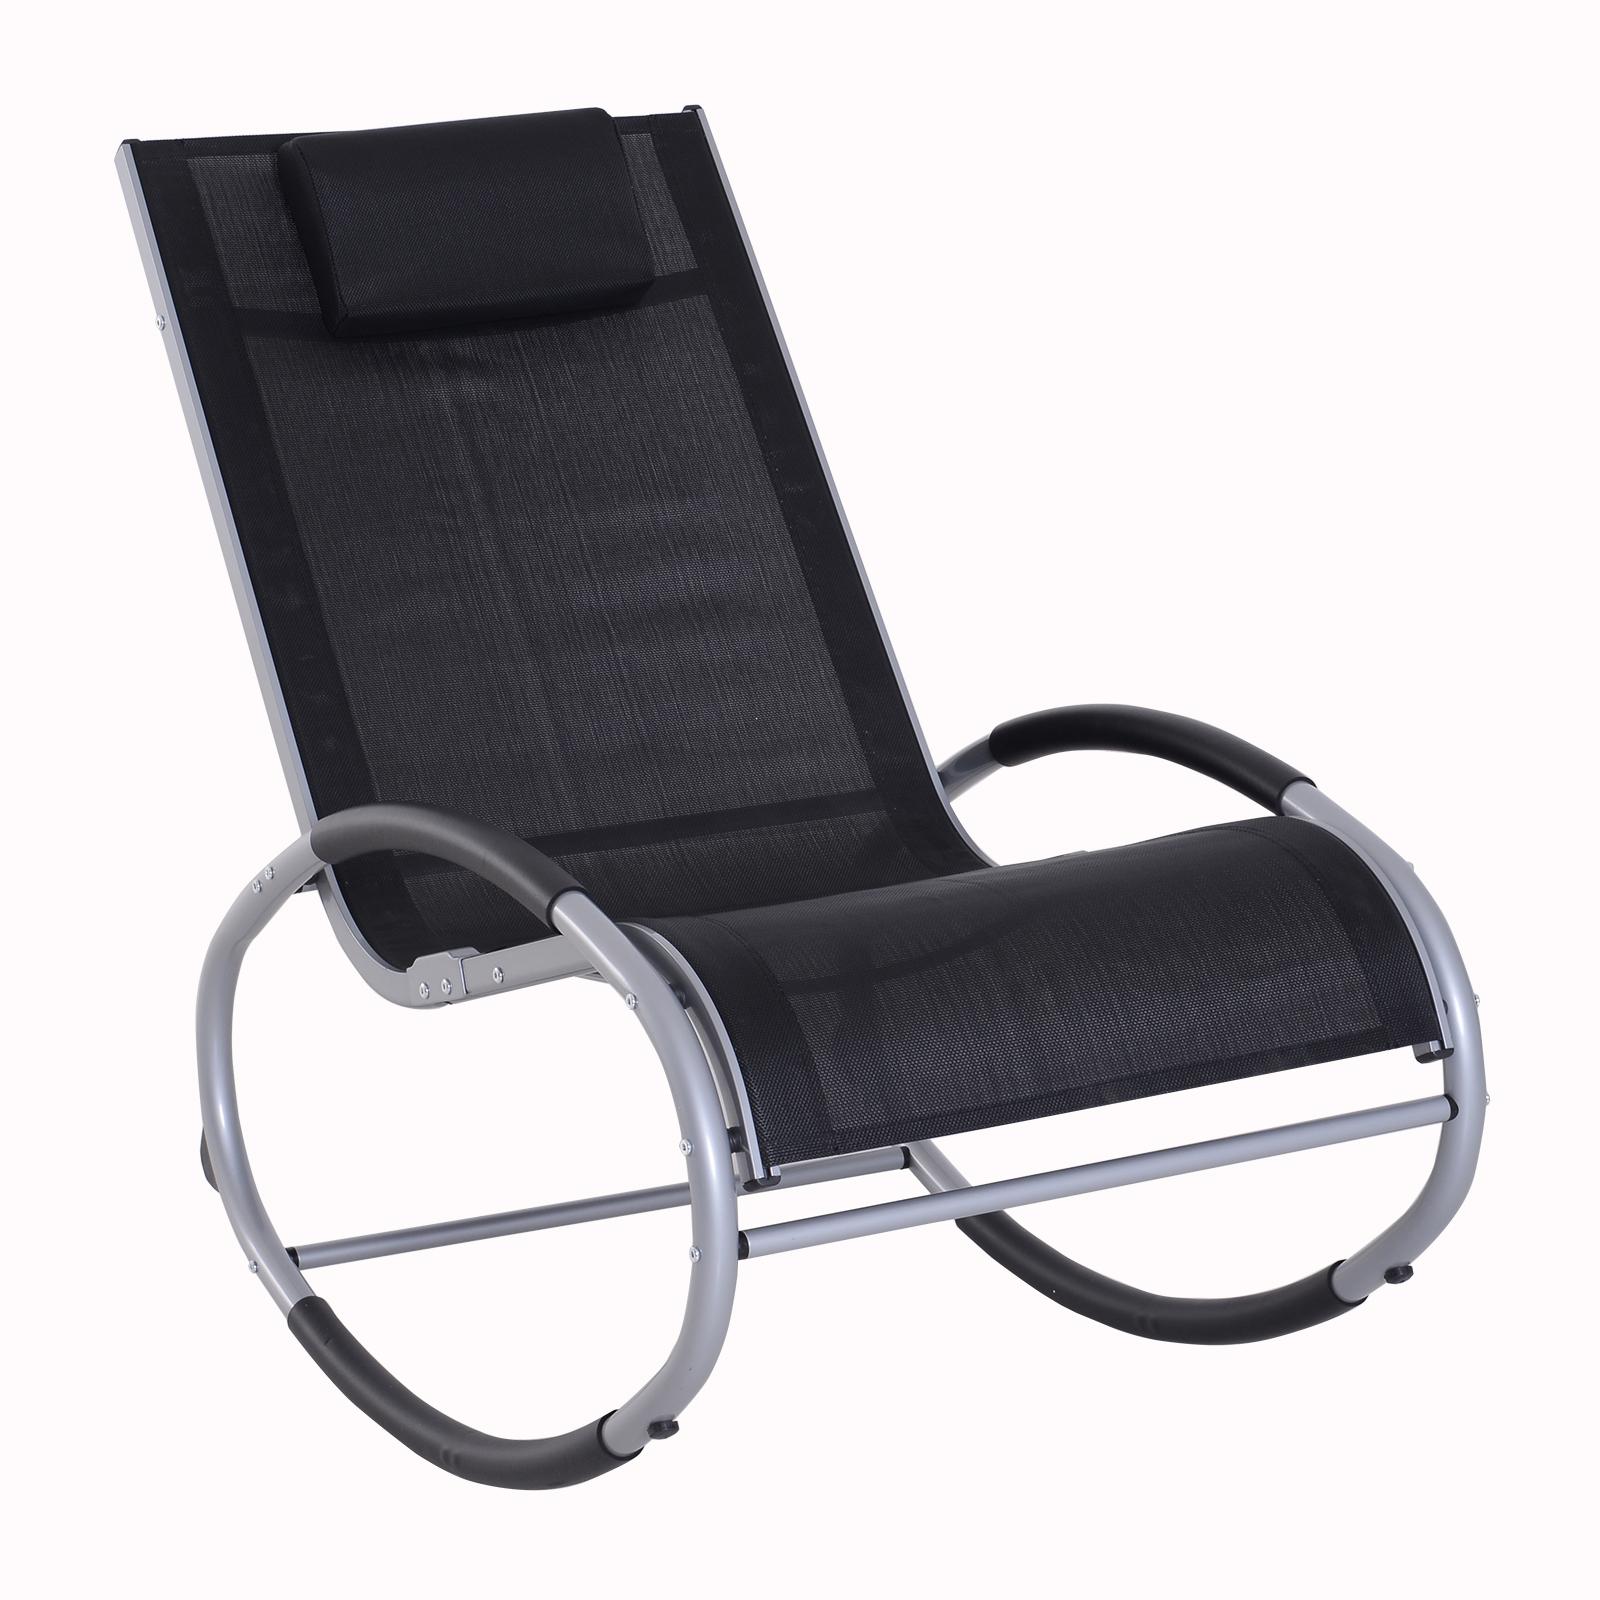 Fauteuil chaise longue à bascule design contemporain